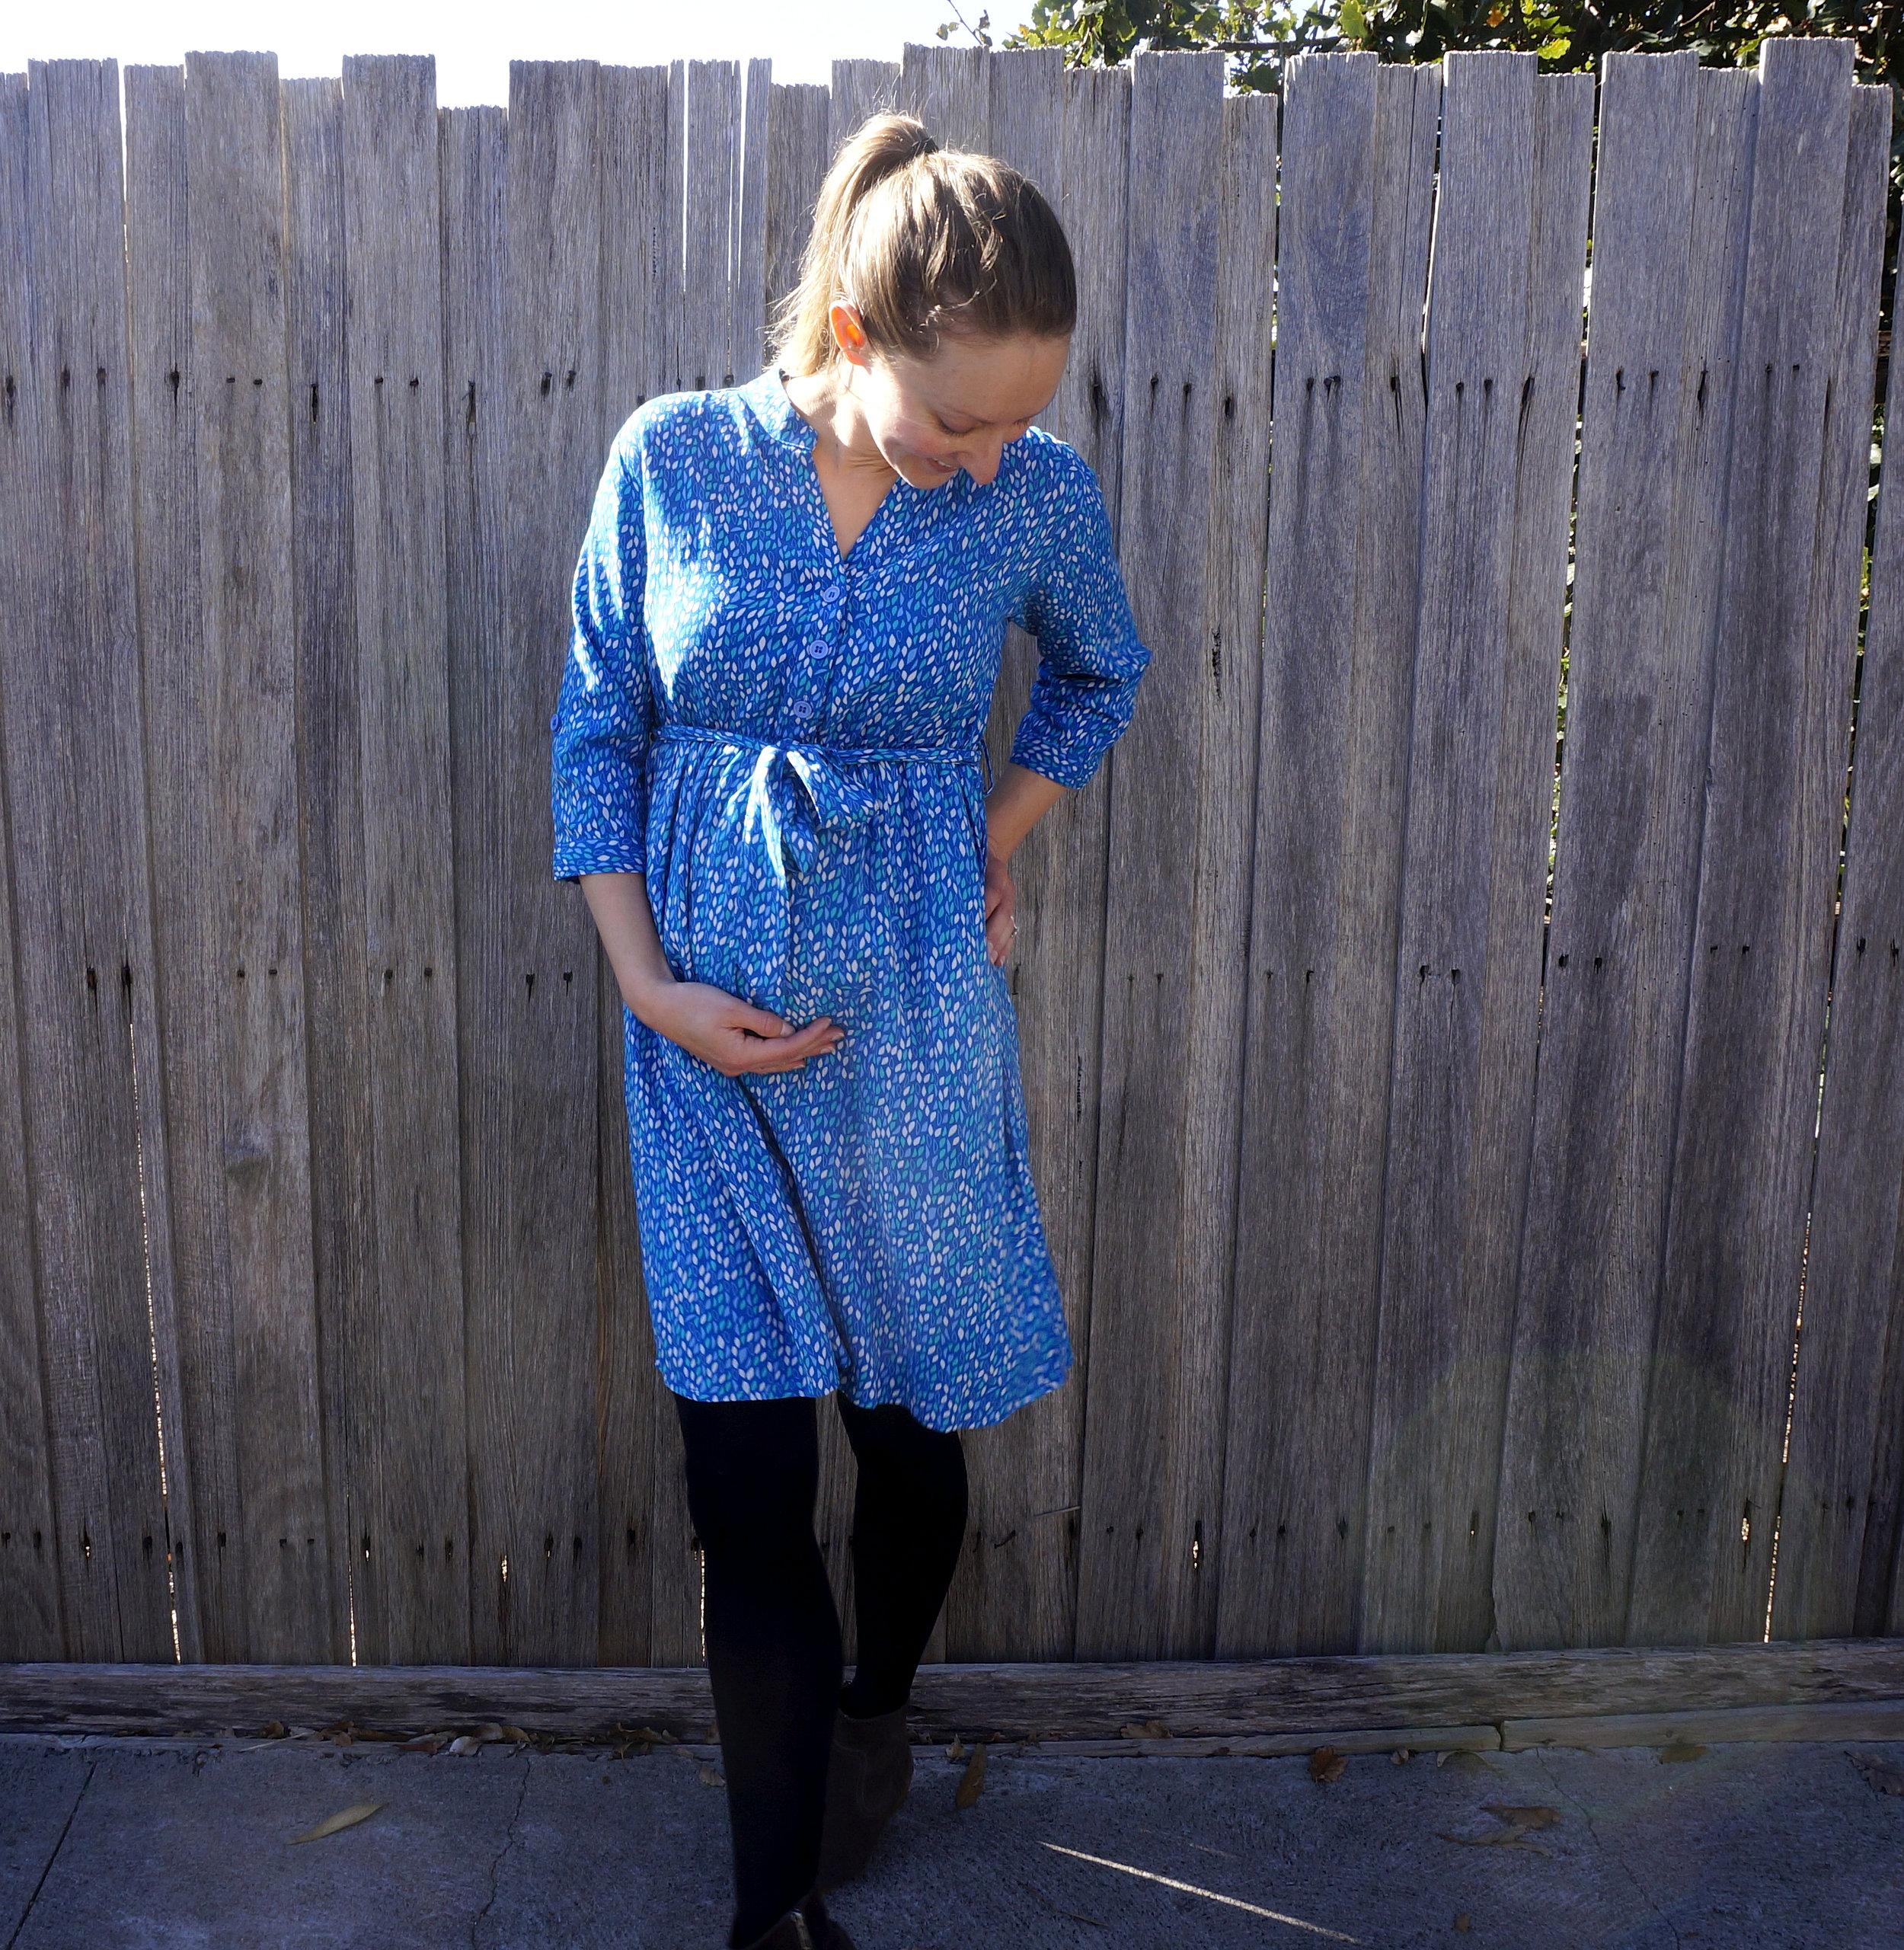 me-blue-dress-4.jpg